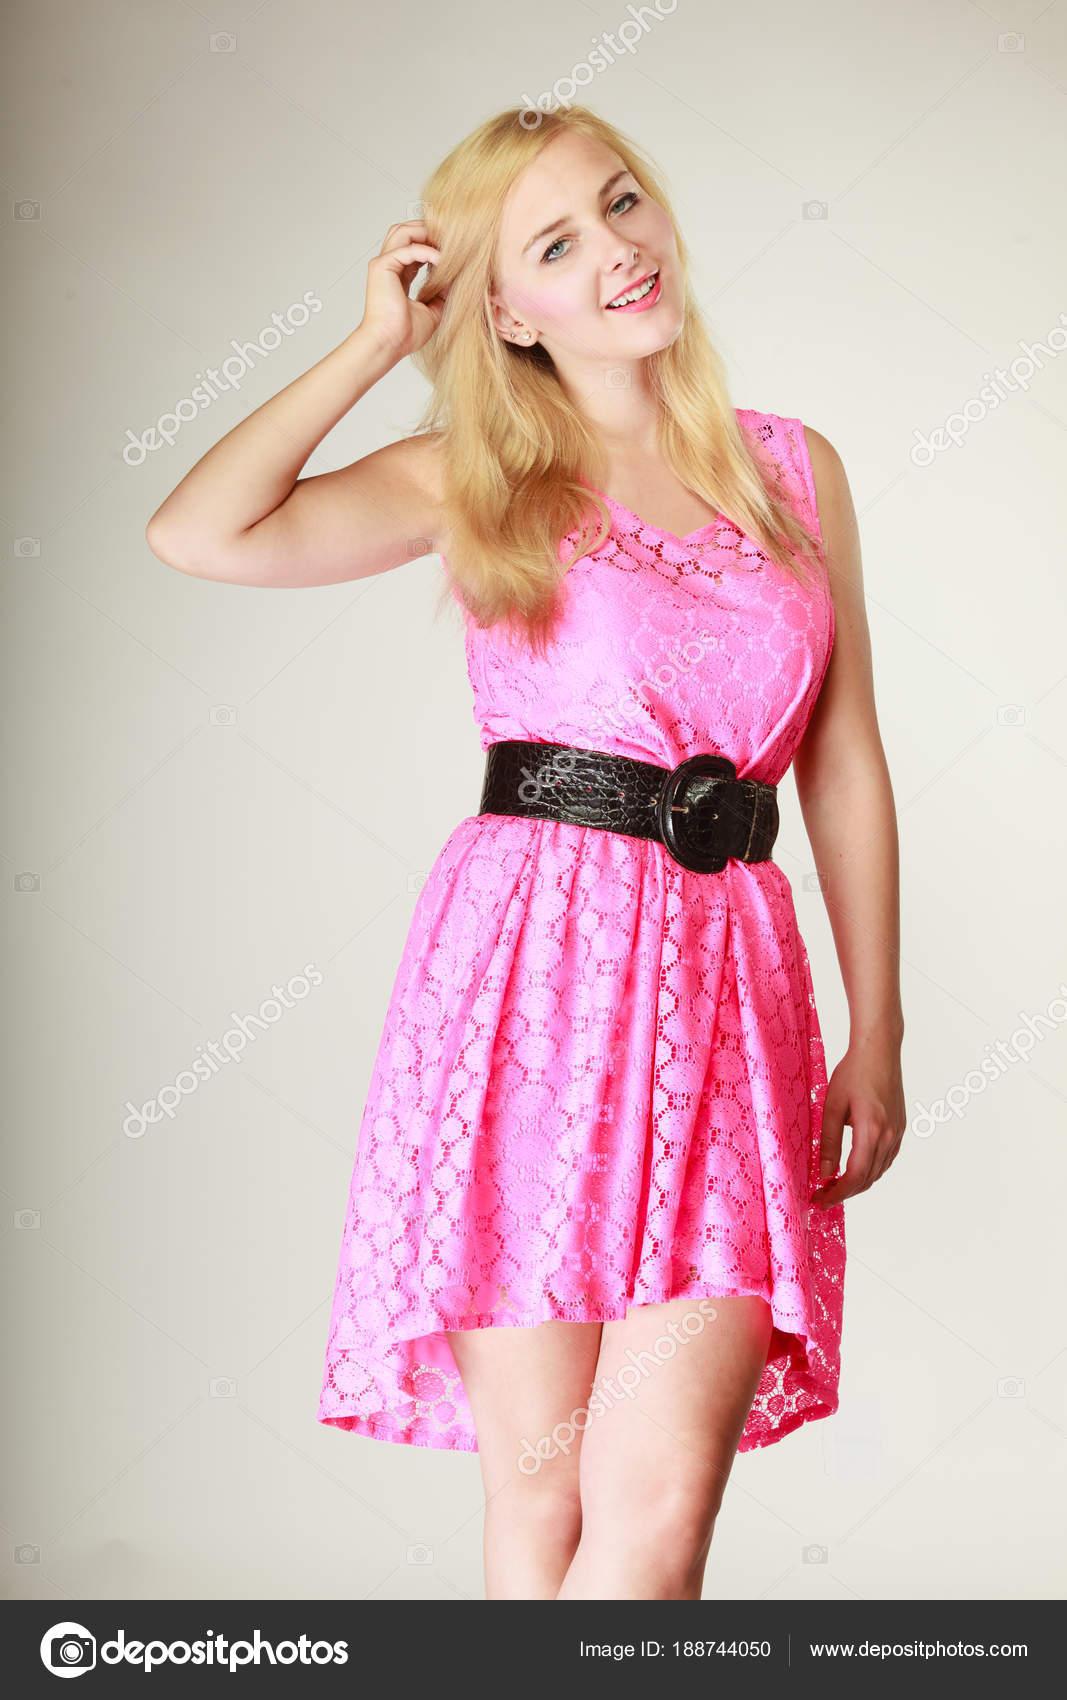 fd4eb3b84512 Όμορφη νεαρή γυναίκα που φοράει κοντό ροζ θηλυκό φόρεμα με μεγάλη μαύρη  ζώνη. Studio που γυρίστηκε σε λευκό φόντο — Εικόνα από ...